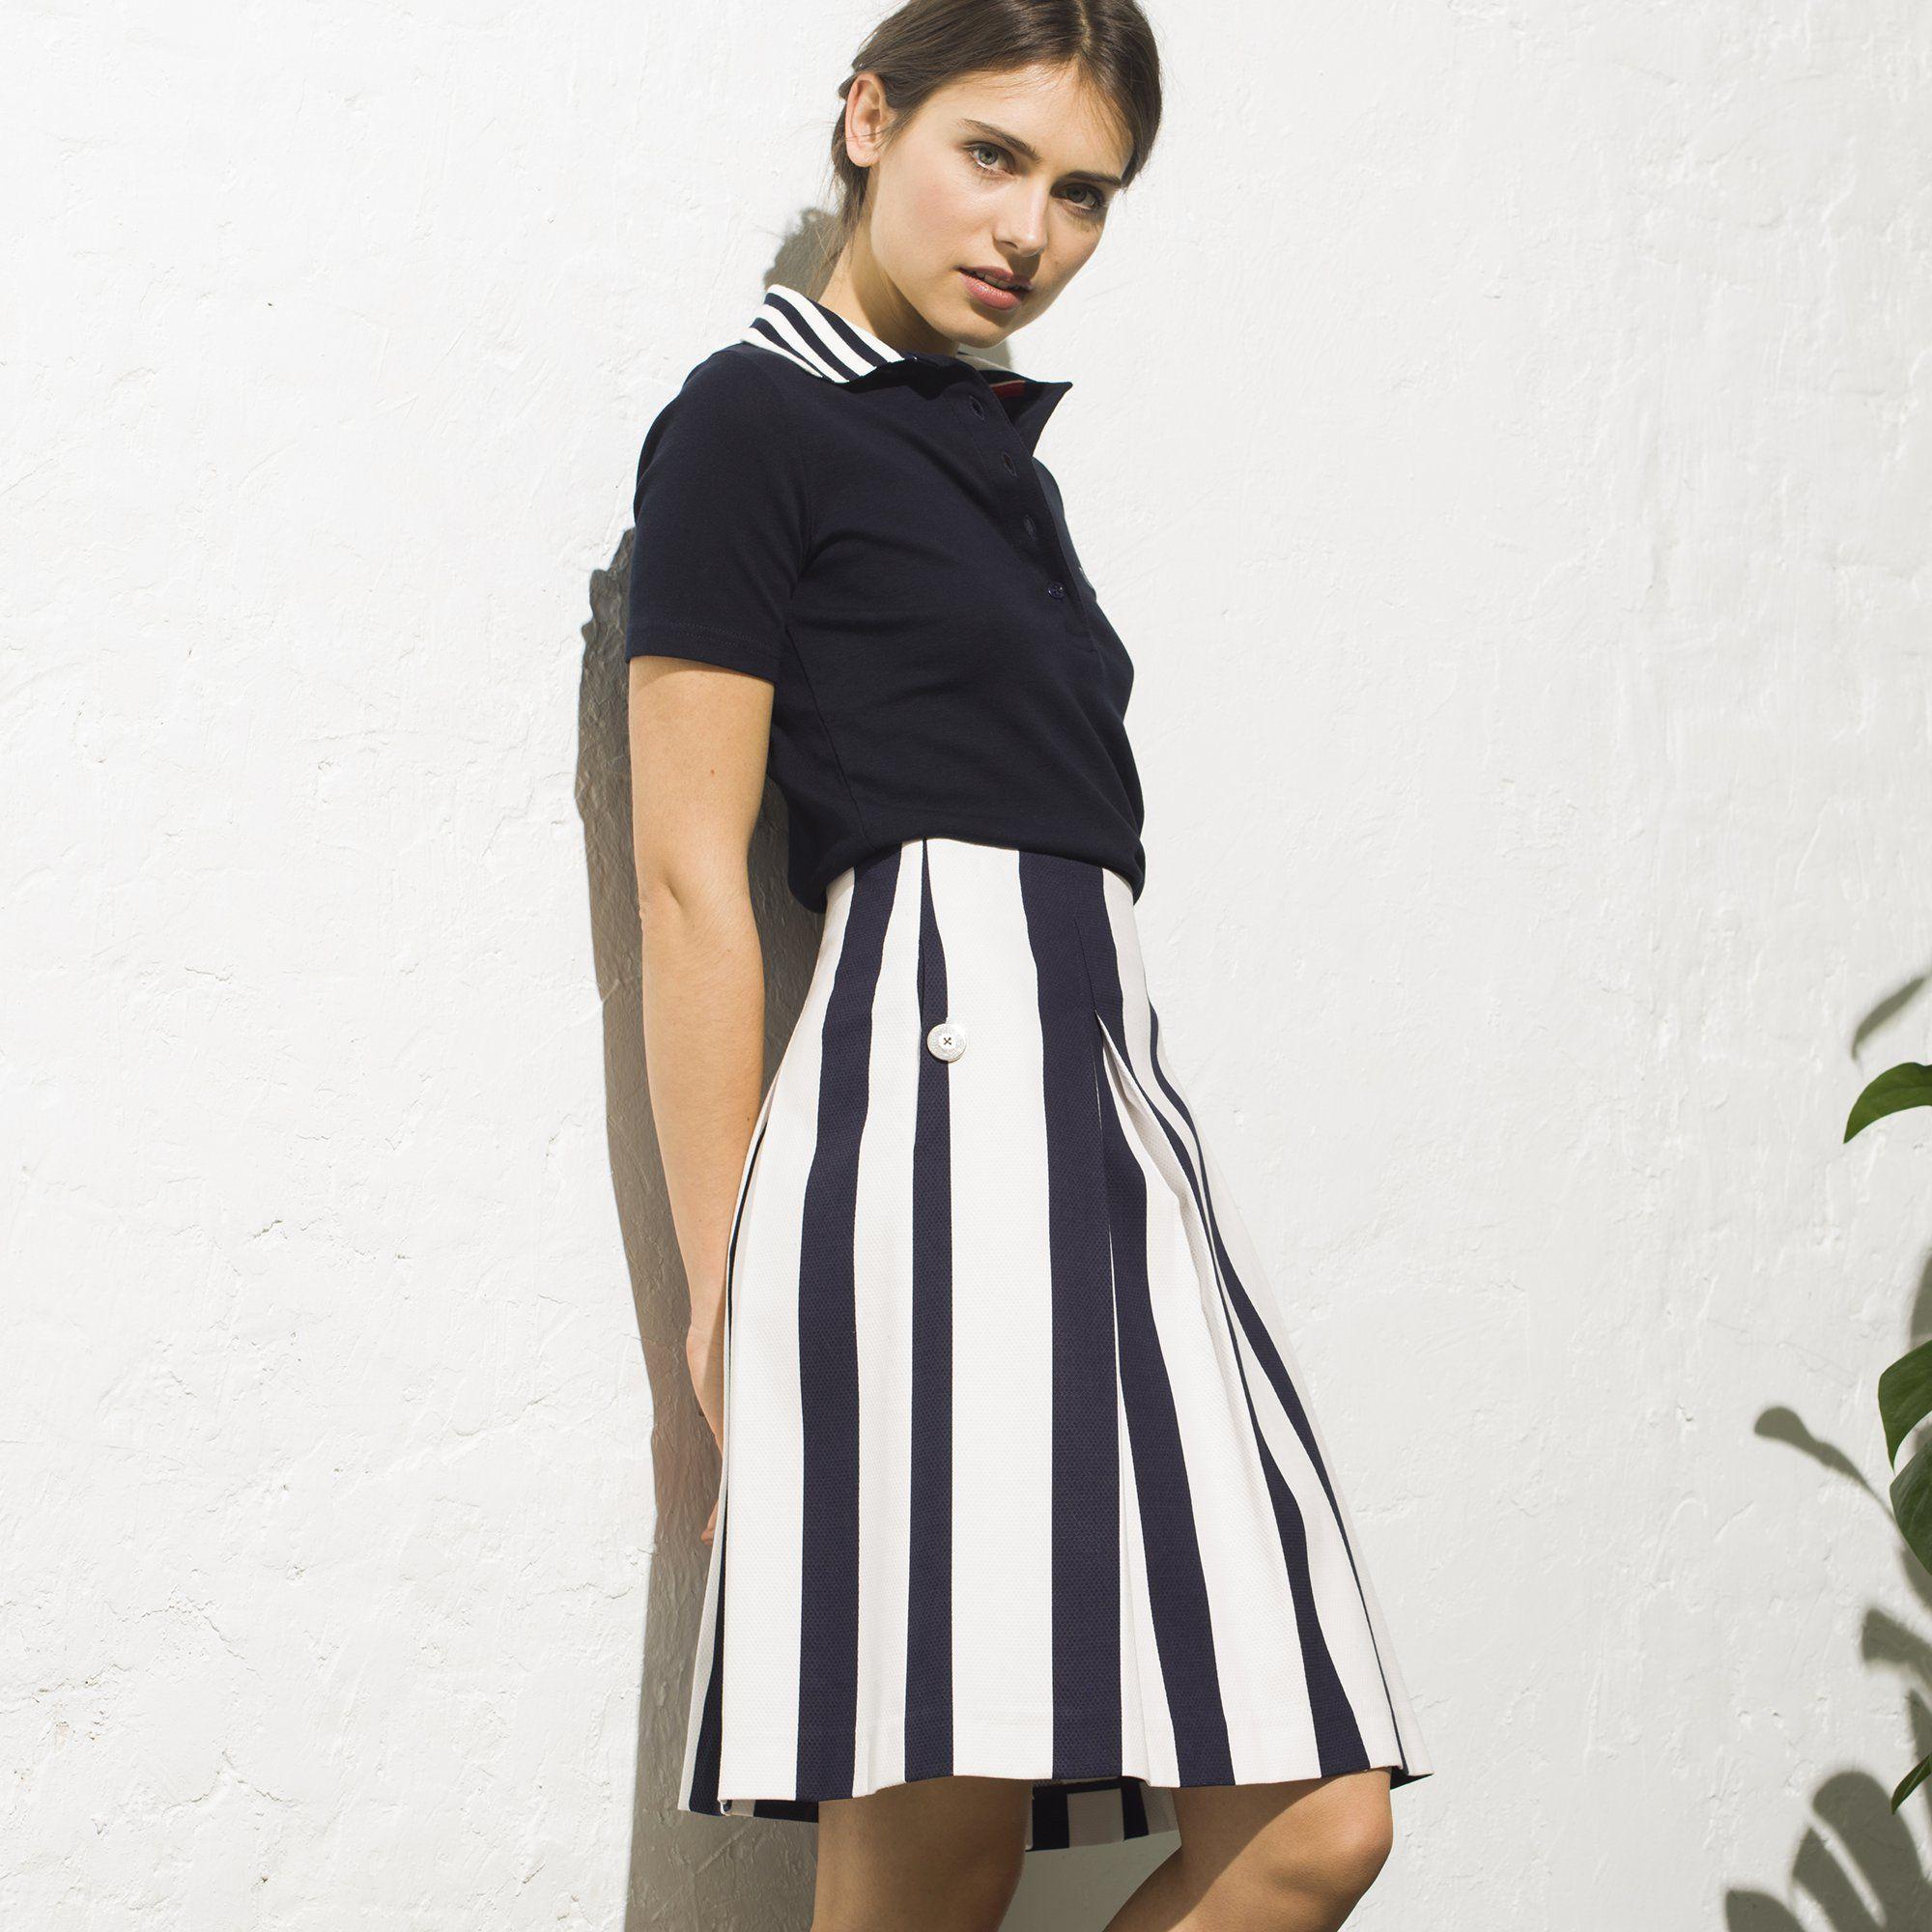 Une robe ete El Ganso   outfits   Pinterest